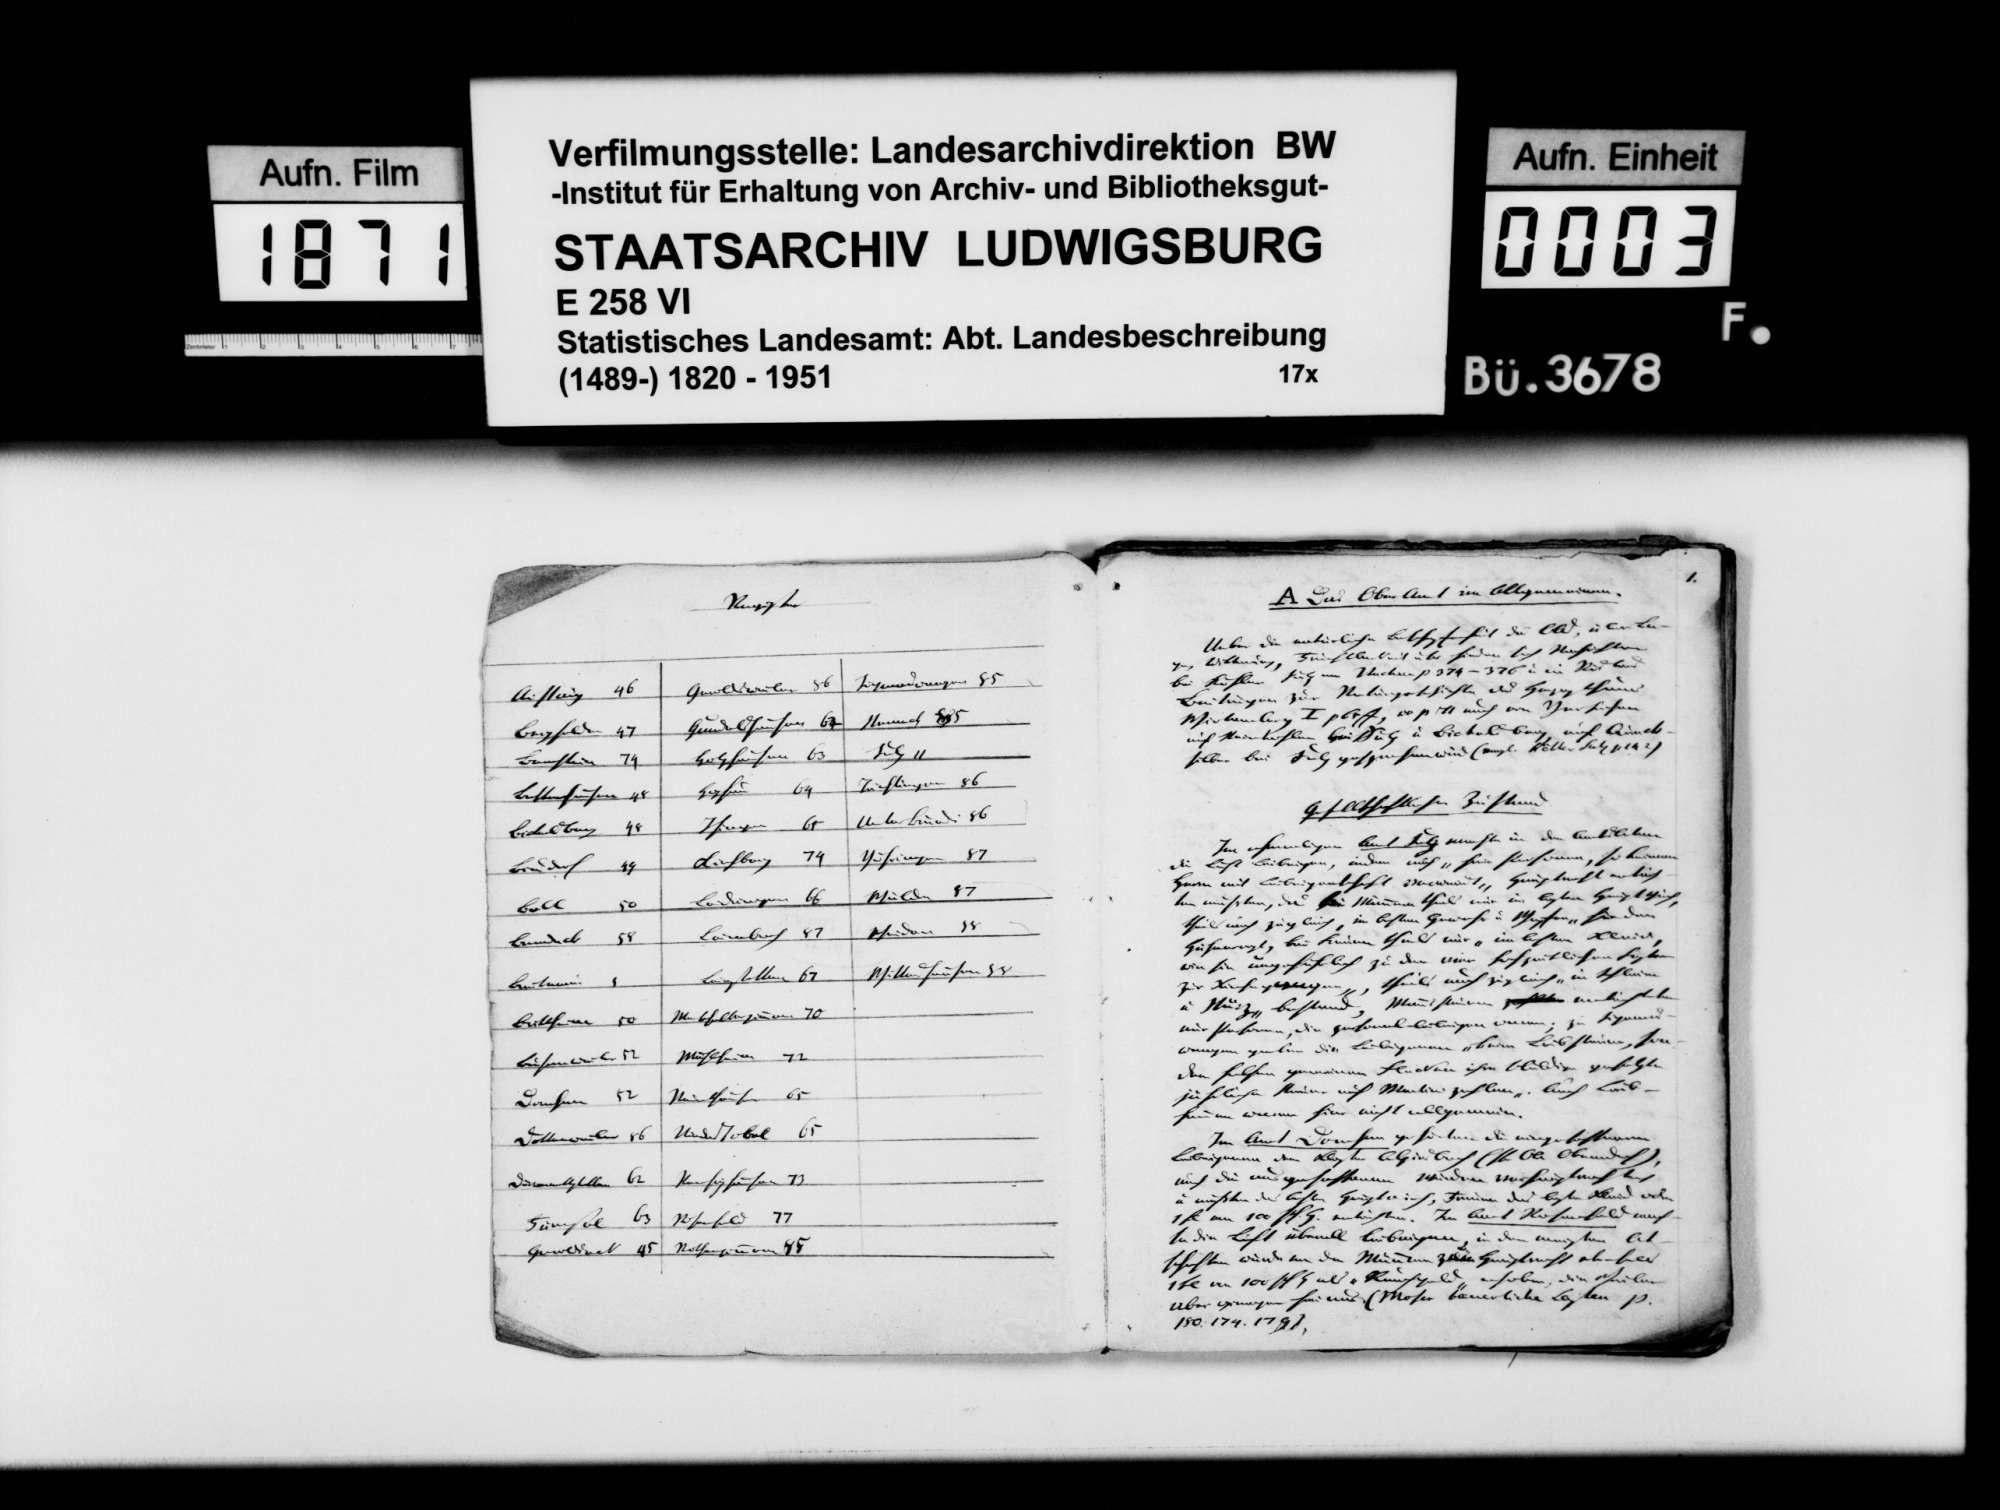 Beiträge des [Esslinger Konrektors] Karl Pfaff zur Beschreibung und Historiographie des Oberamts, Bild 2